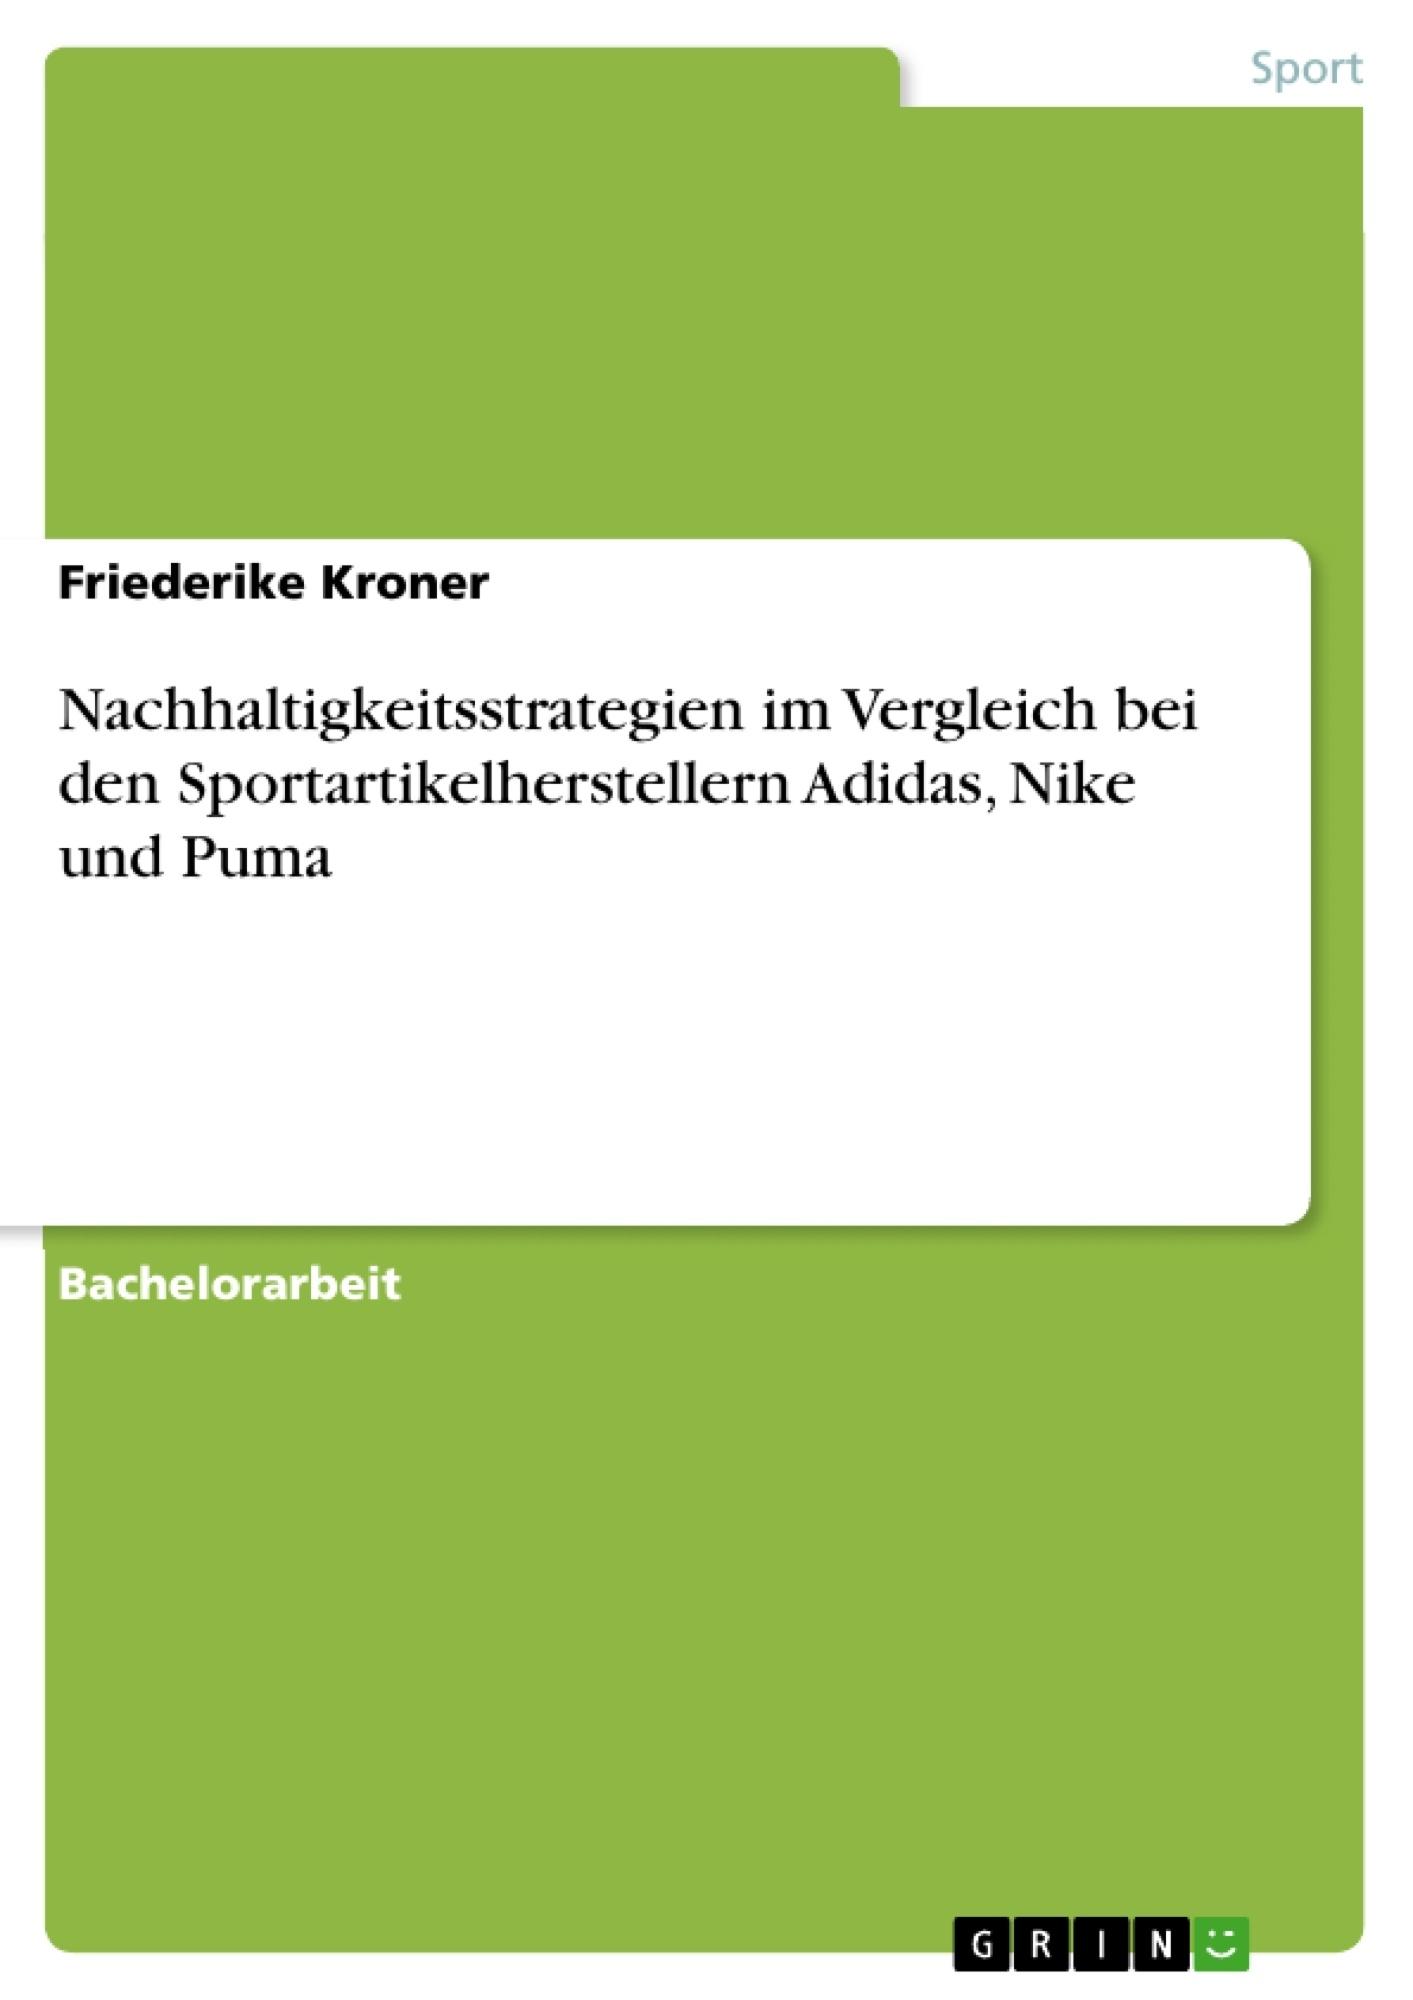 Titel: Nachhaltigkeitsstrategien im Vergleich bei den Sportartikelherstellern Adidas, Nike und Puma